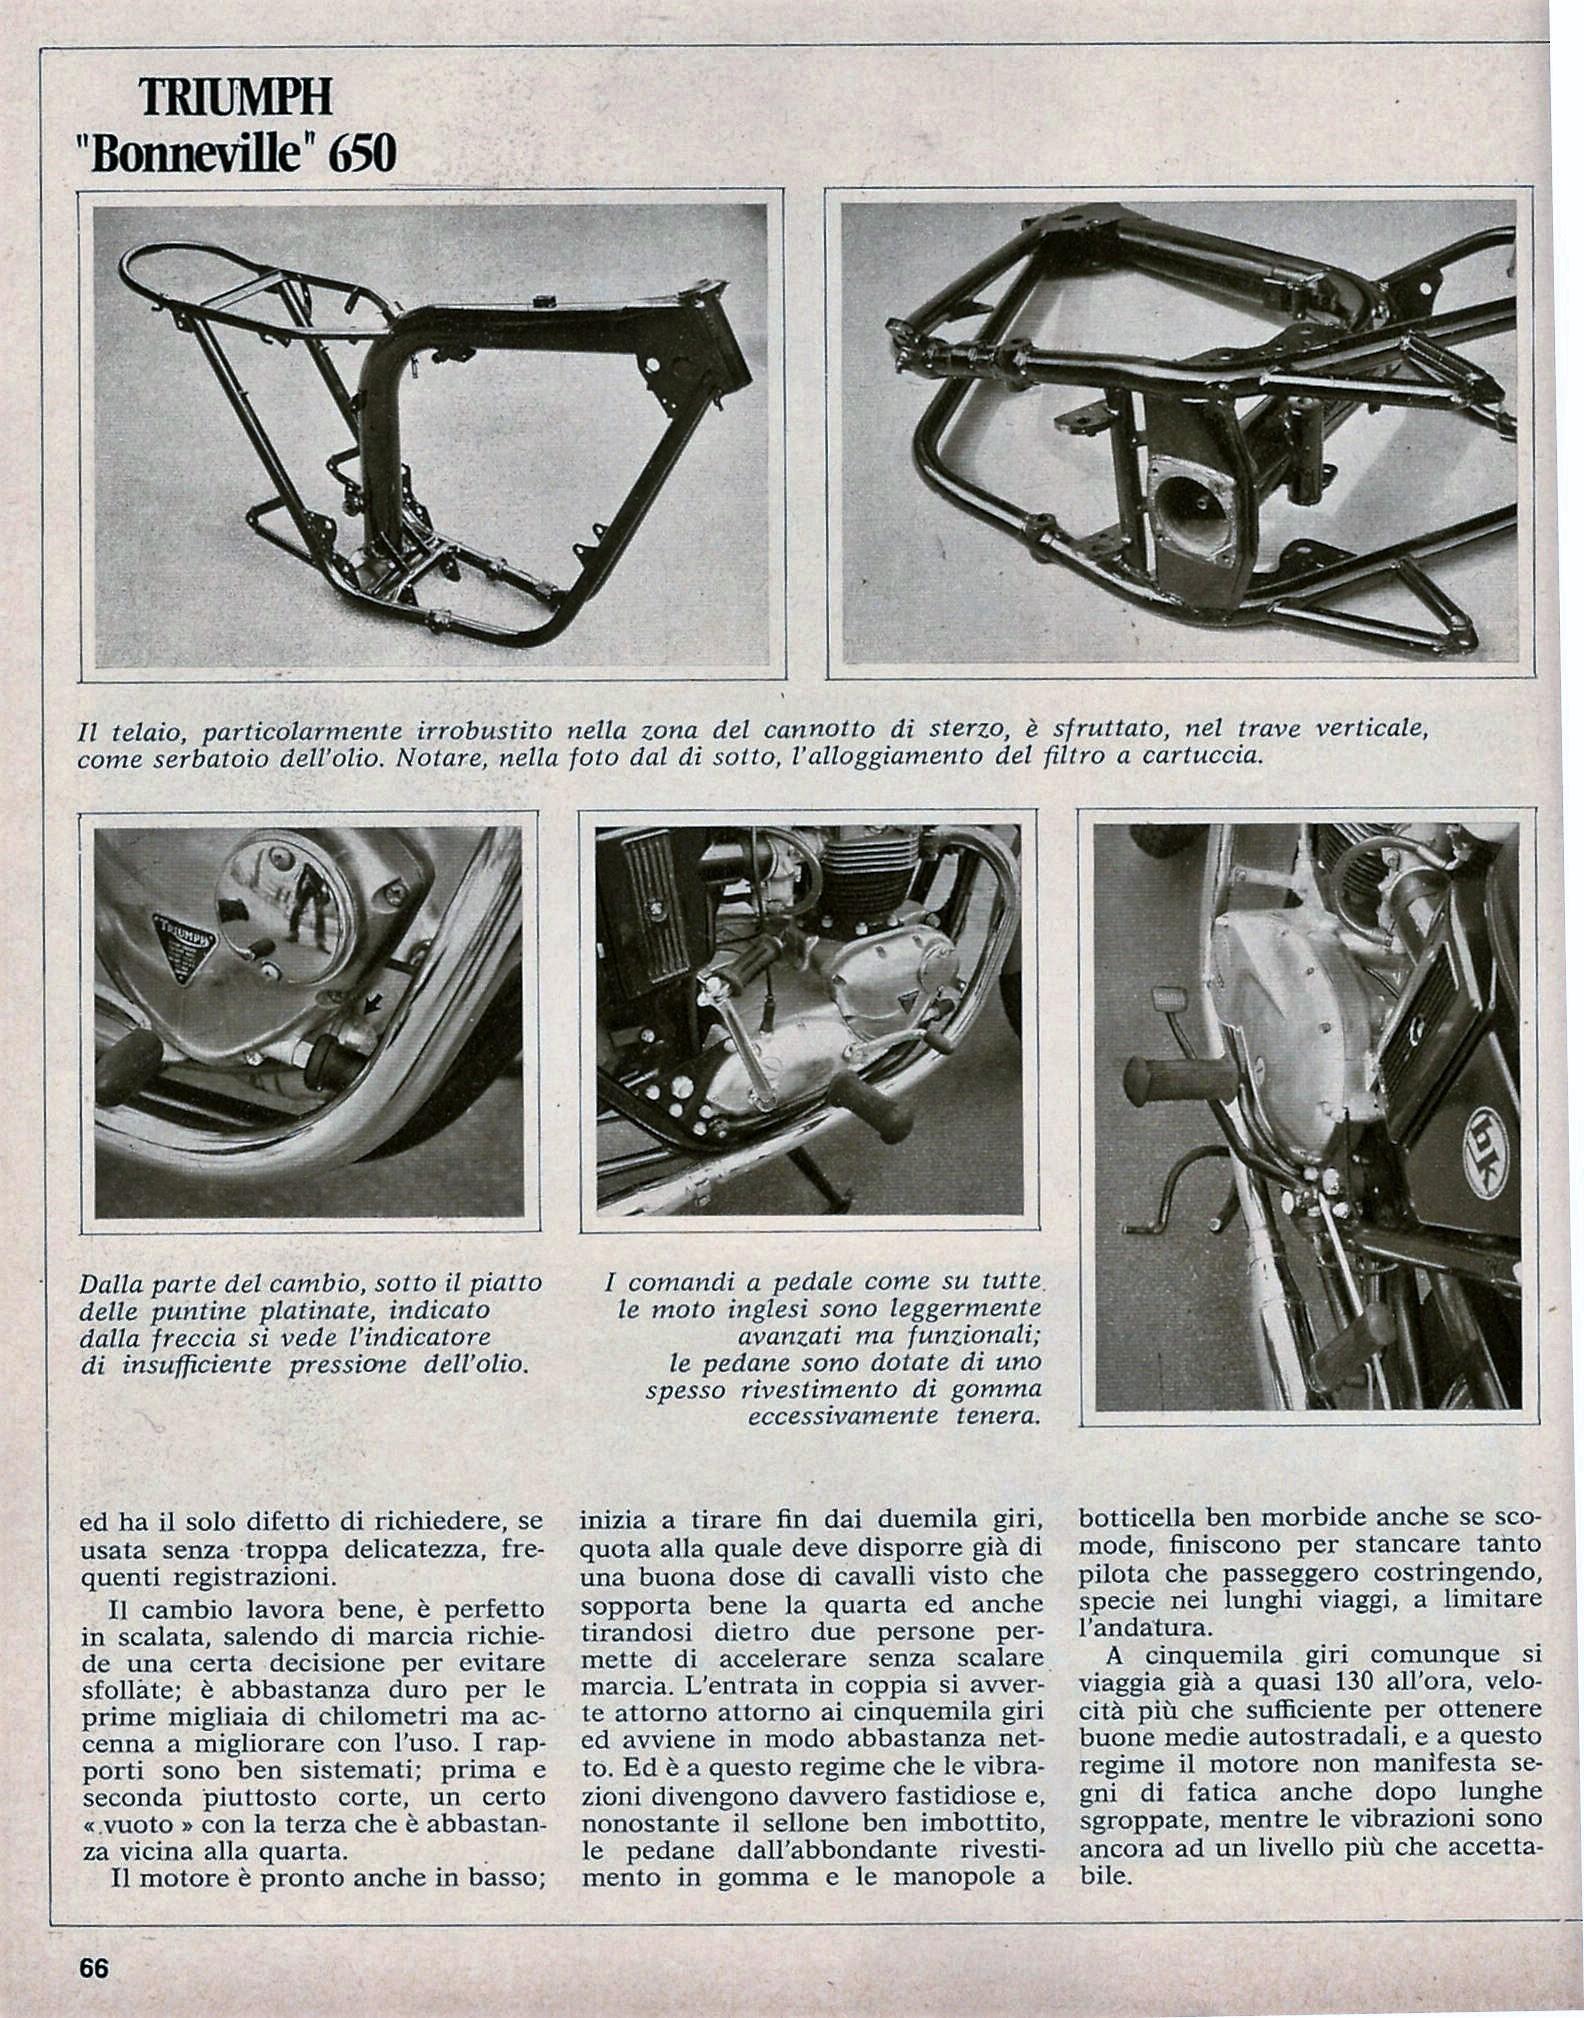 1972 Triumph Bonneville road test.9.jpg